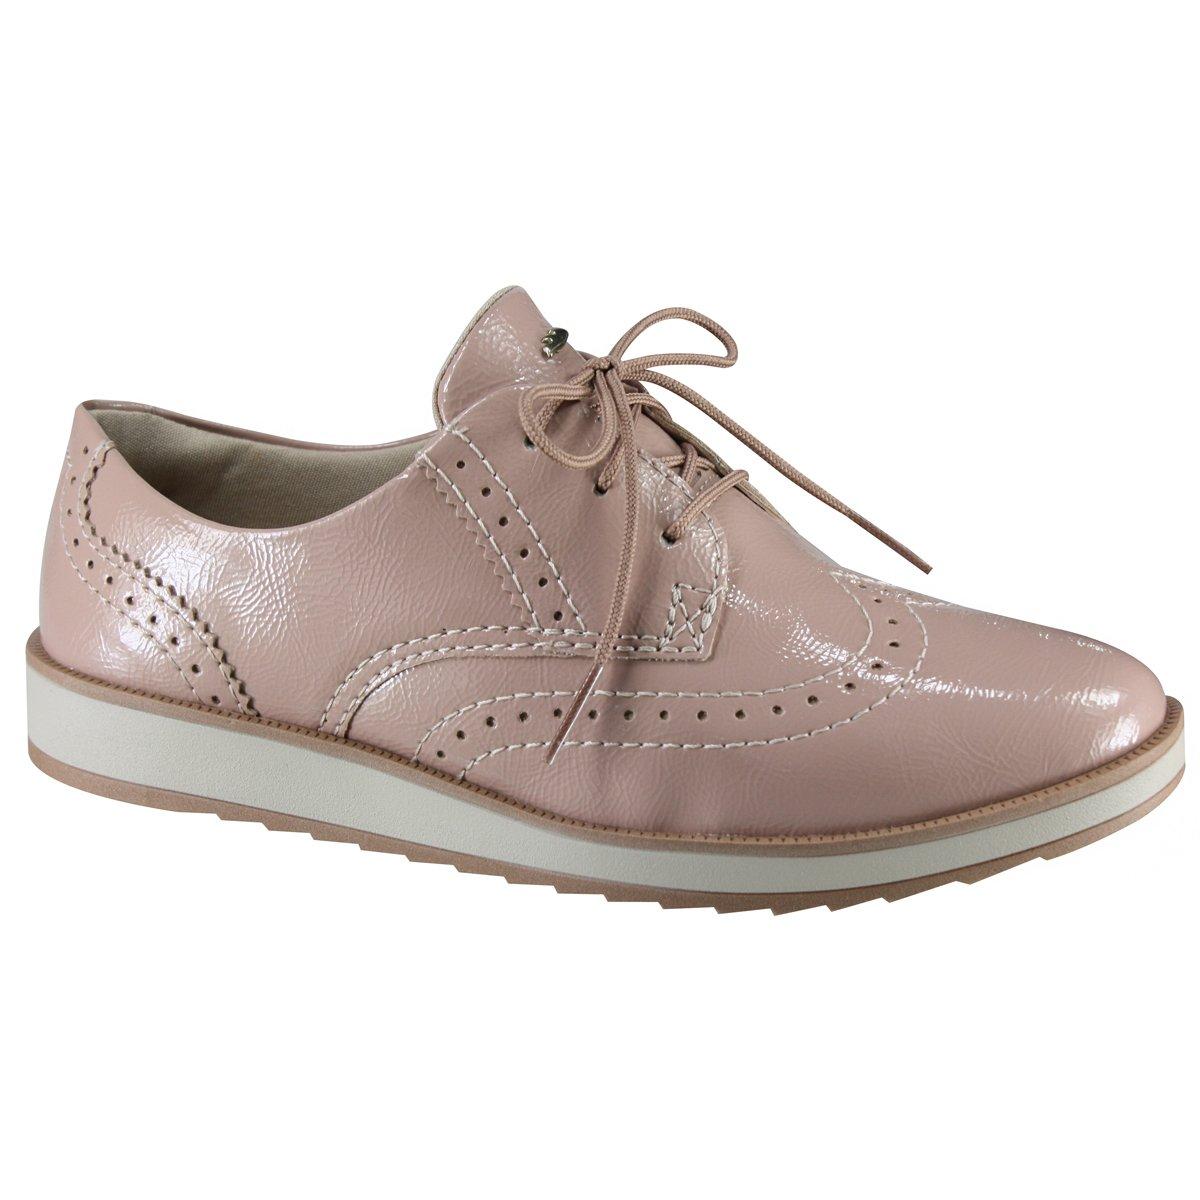 cc0f8193f Sapato Feminino Oxford Dakota G0331 00001 - Noz (Follow) - Calçados ...